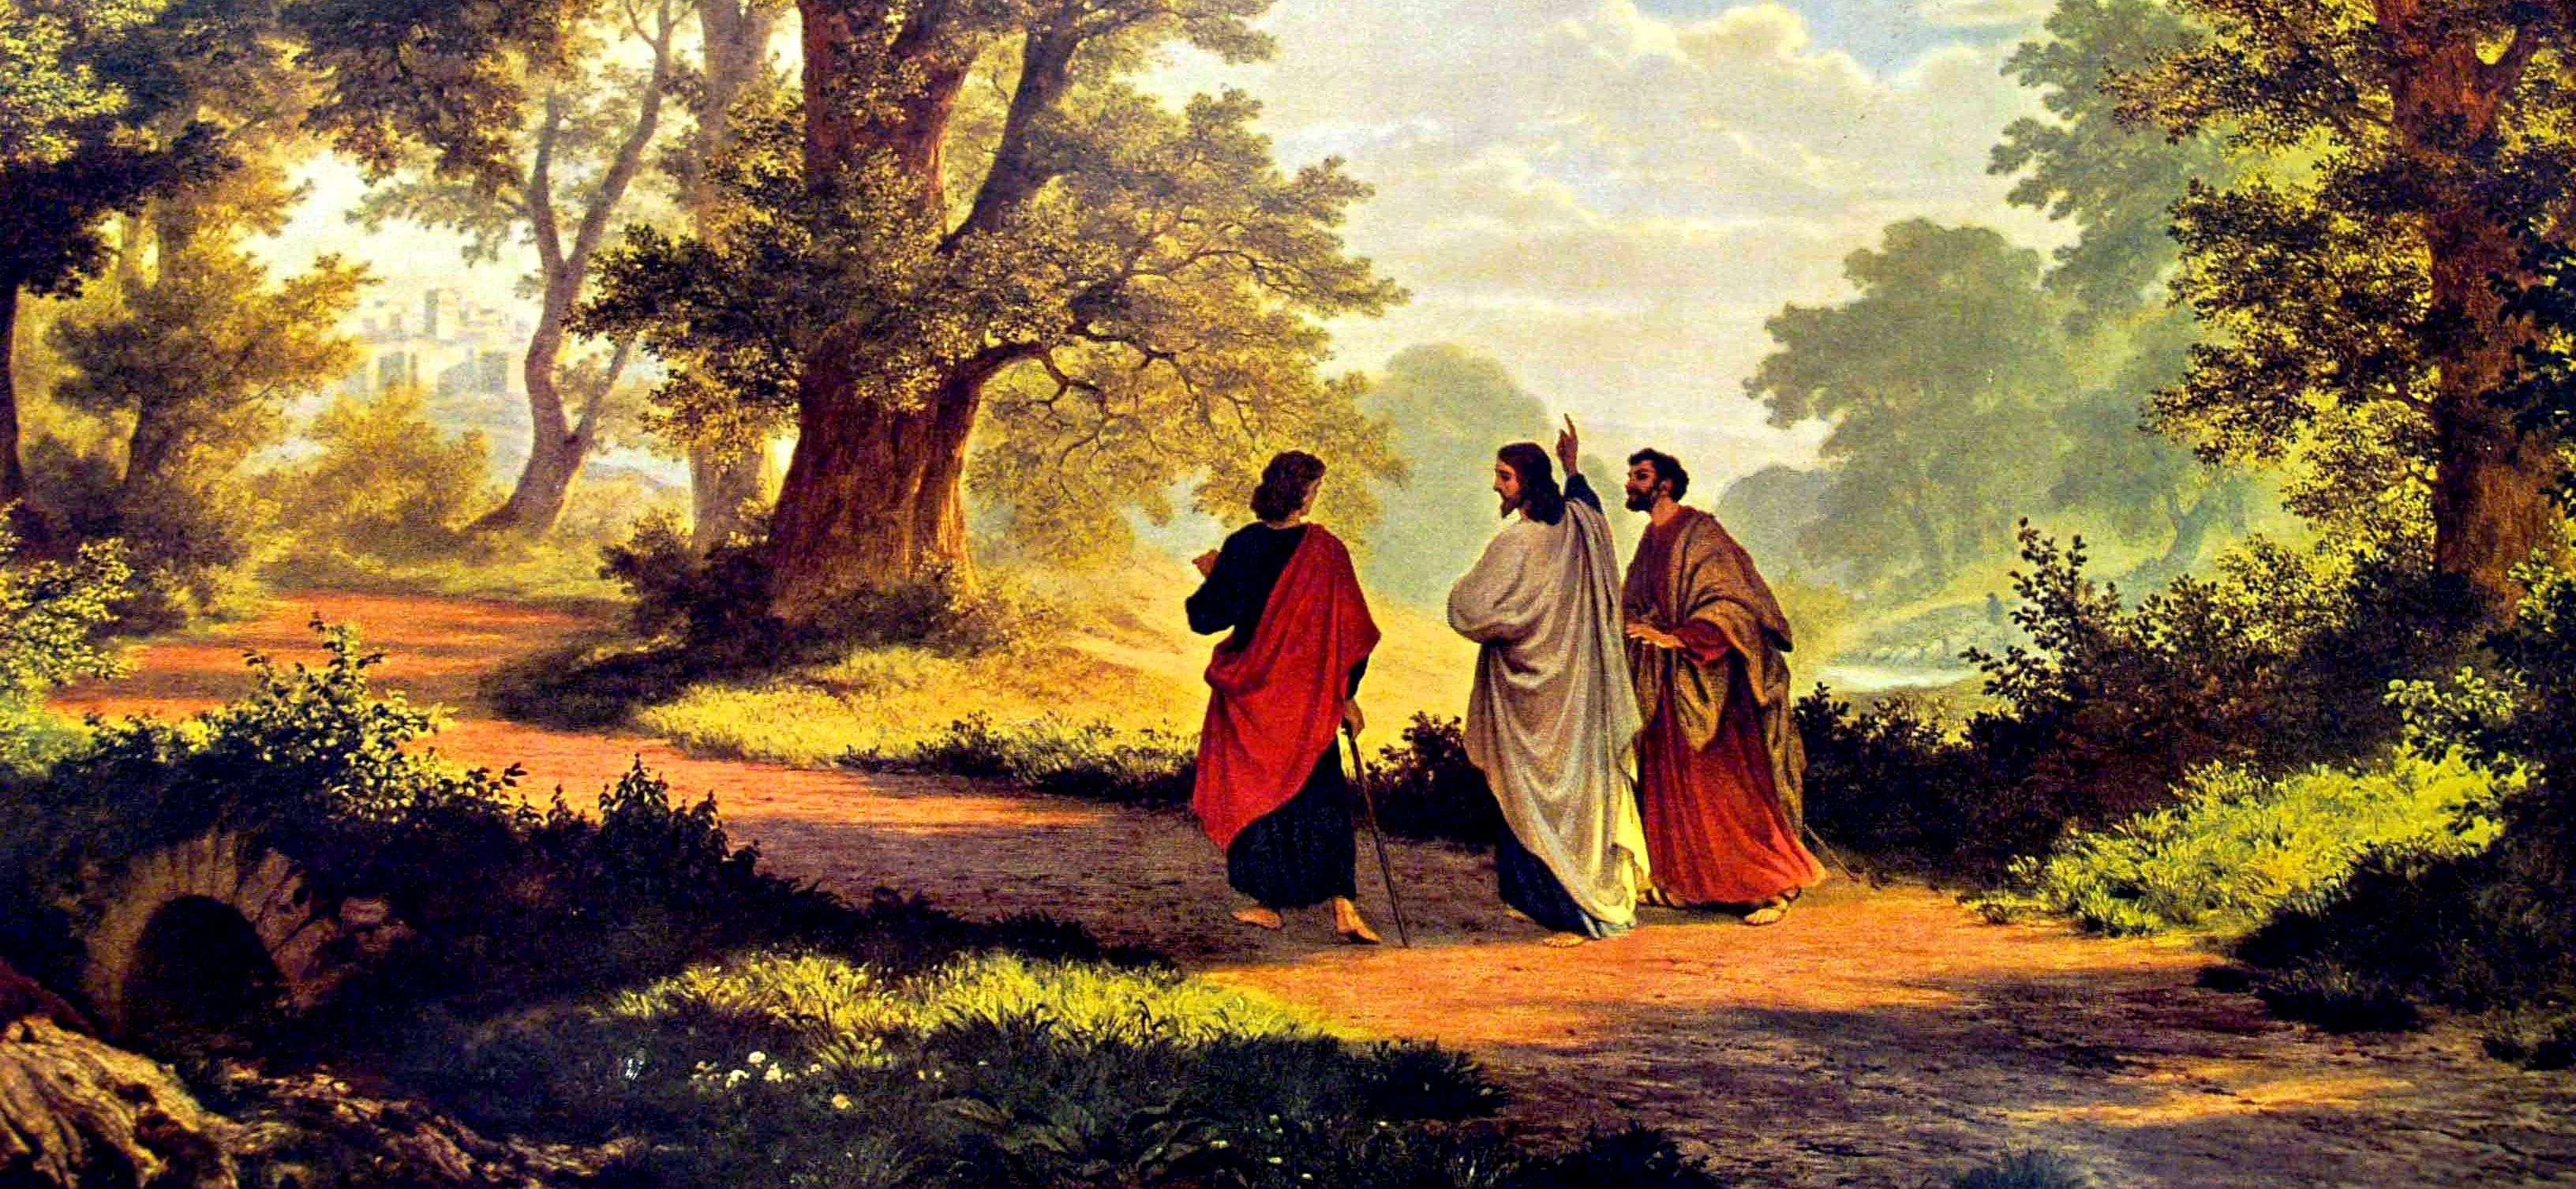 Sermon / Pr. Ted Giese / Sunday April 30th 2017 - / Luke 24:13-35 / Hearing Jesus - Seeing Jesus - Image 4